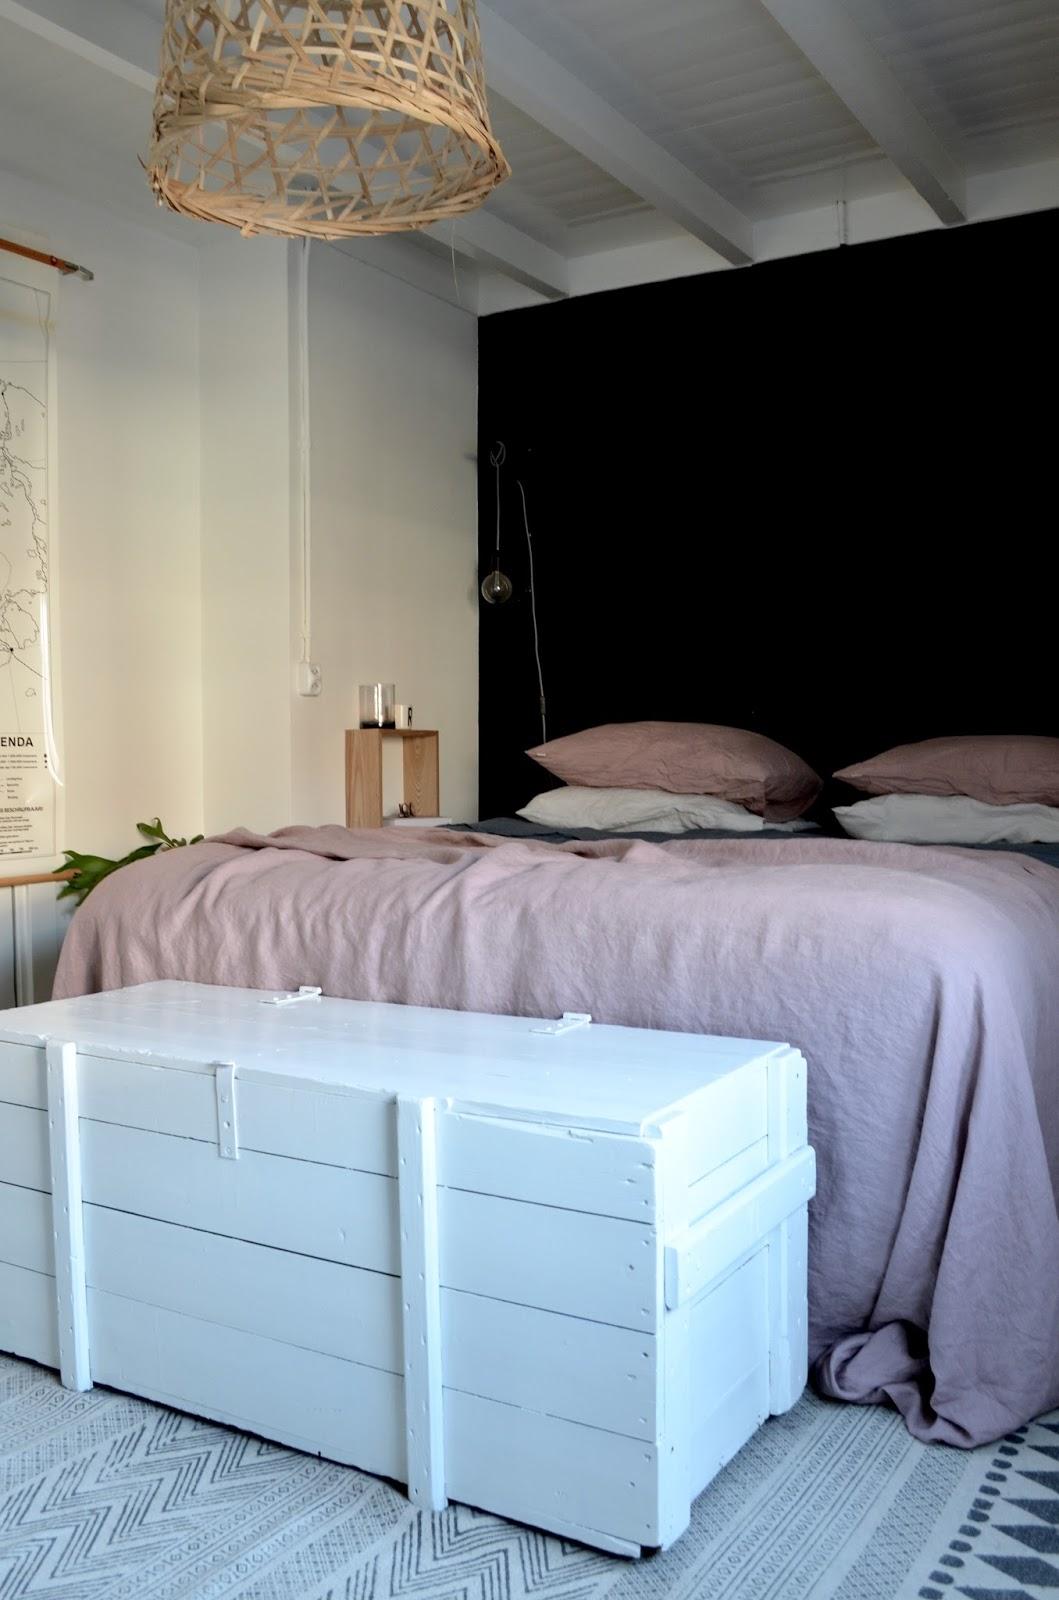 Linnen lakens in de slaapkamer